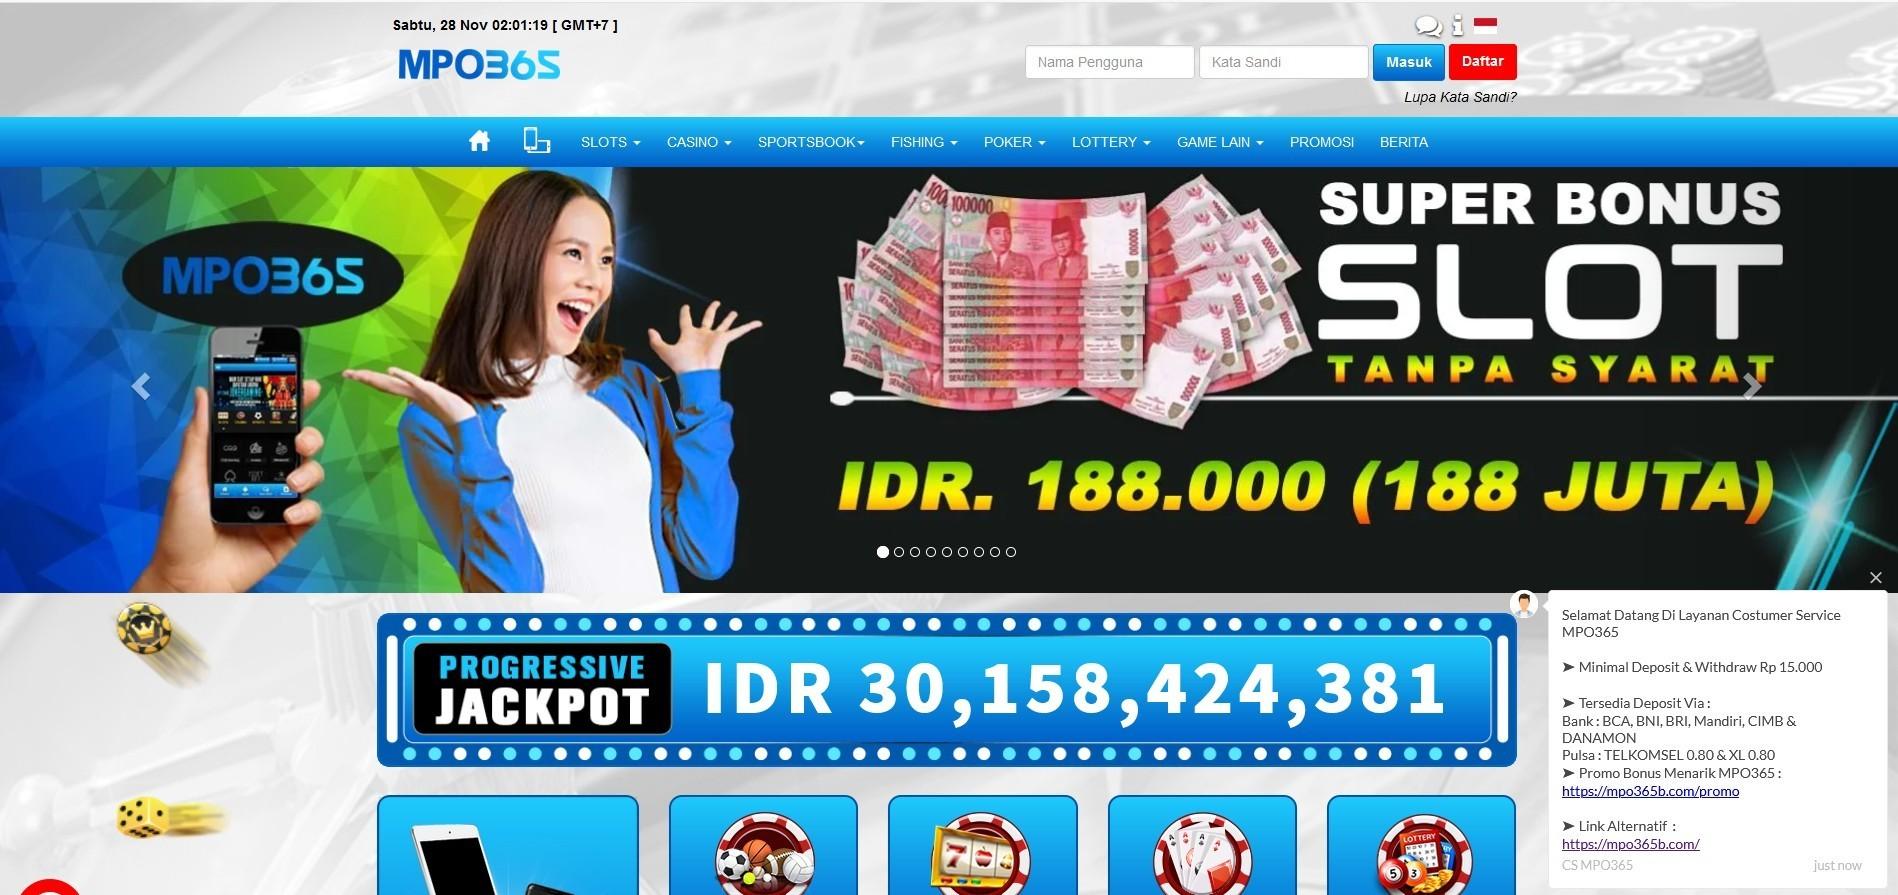 Jual Tiket Mpo365 Judii Online24jam Terpercaya 2020 Deposit Pulsa Loket Com